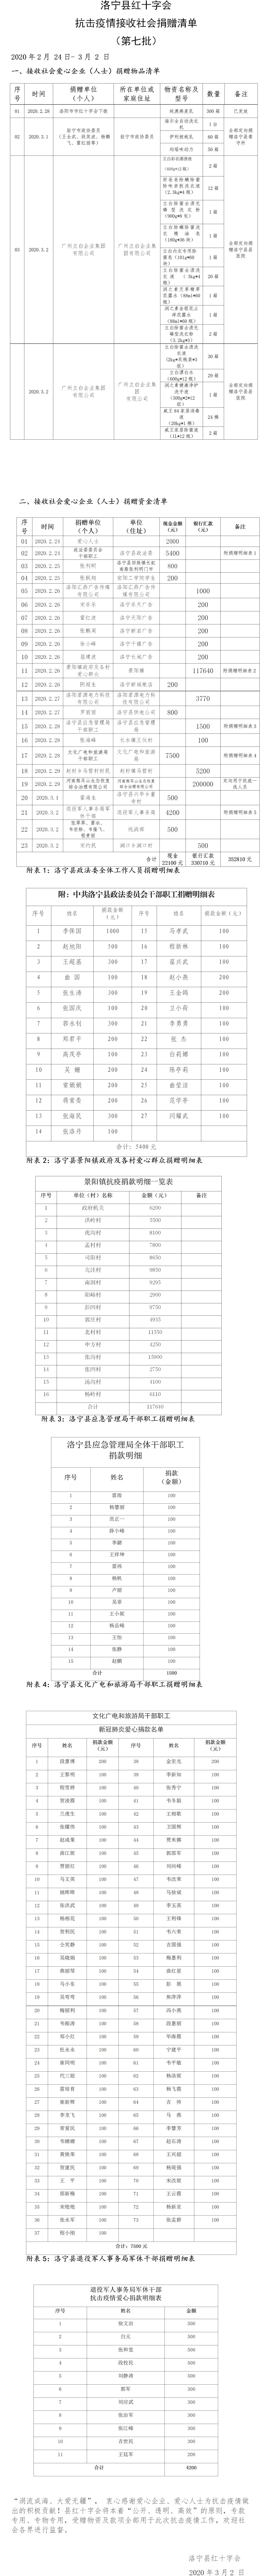 1_(2月24日-3月2日)洛宁县红十字会抗击疫情接收社会捐赠清单(第七批)(2)